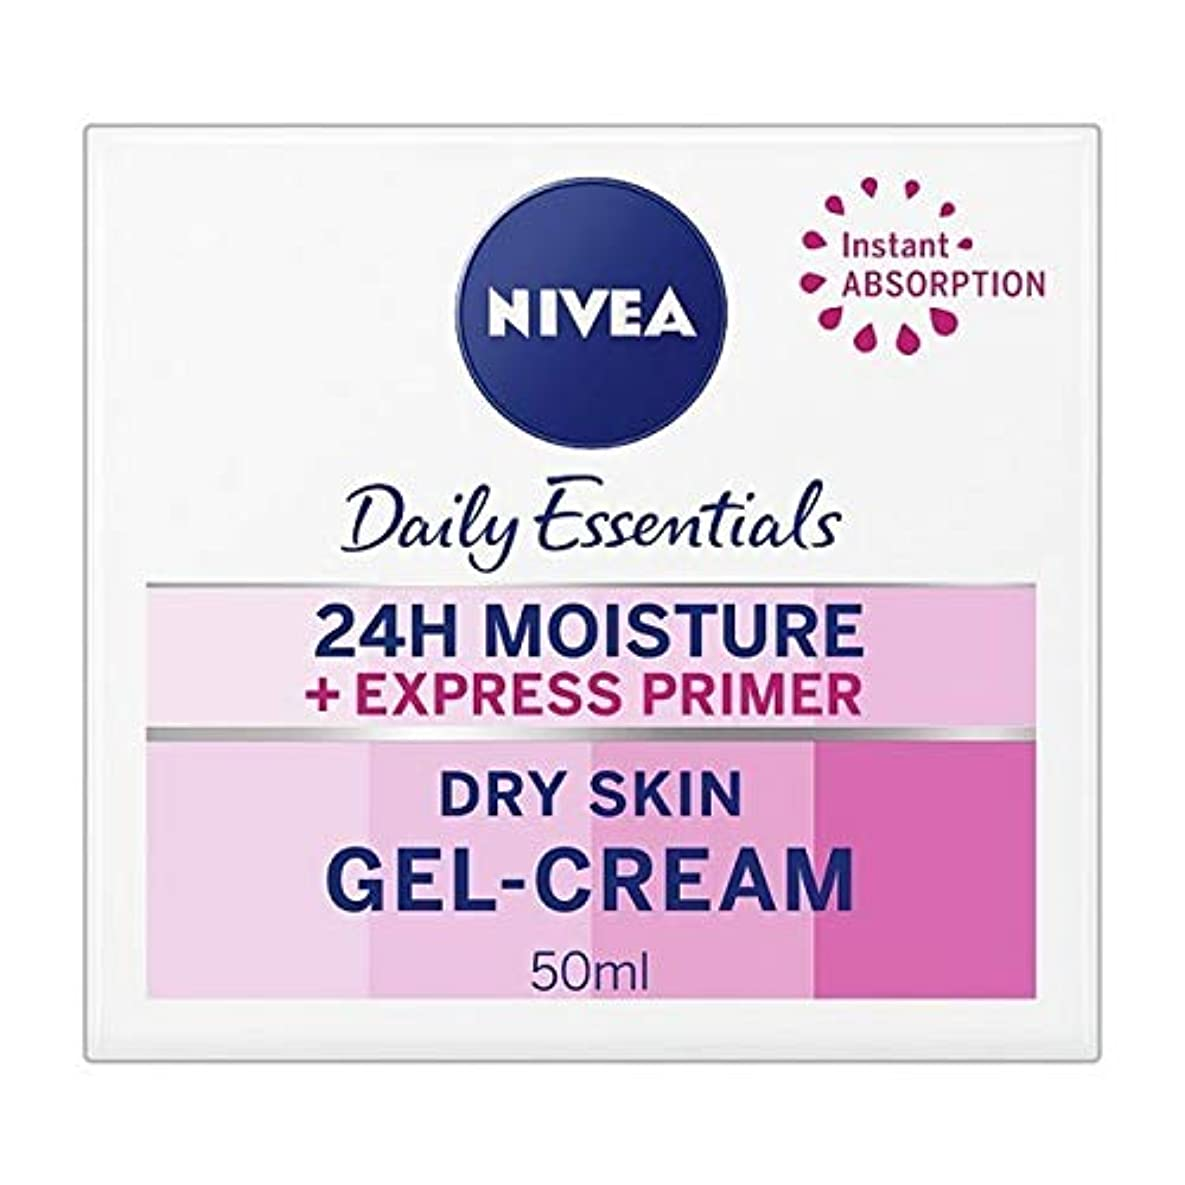 結果として等スワップ[Nivea ] ニベアエクスプレスプライマーゲルクリーム、50ミリリットル - NIVEA Express Primer Gel-Cream, 50ml [並行輸入品]